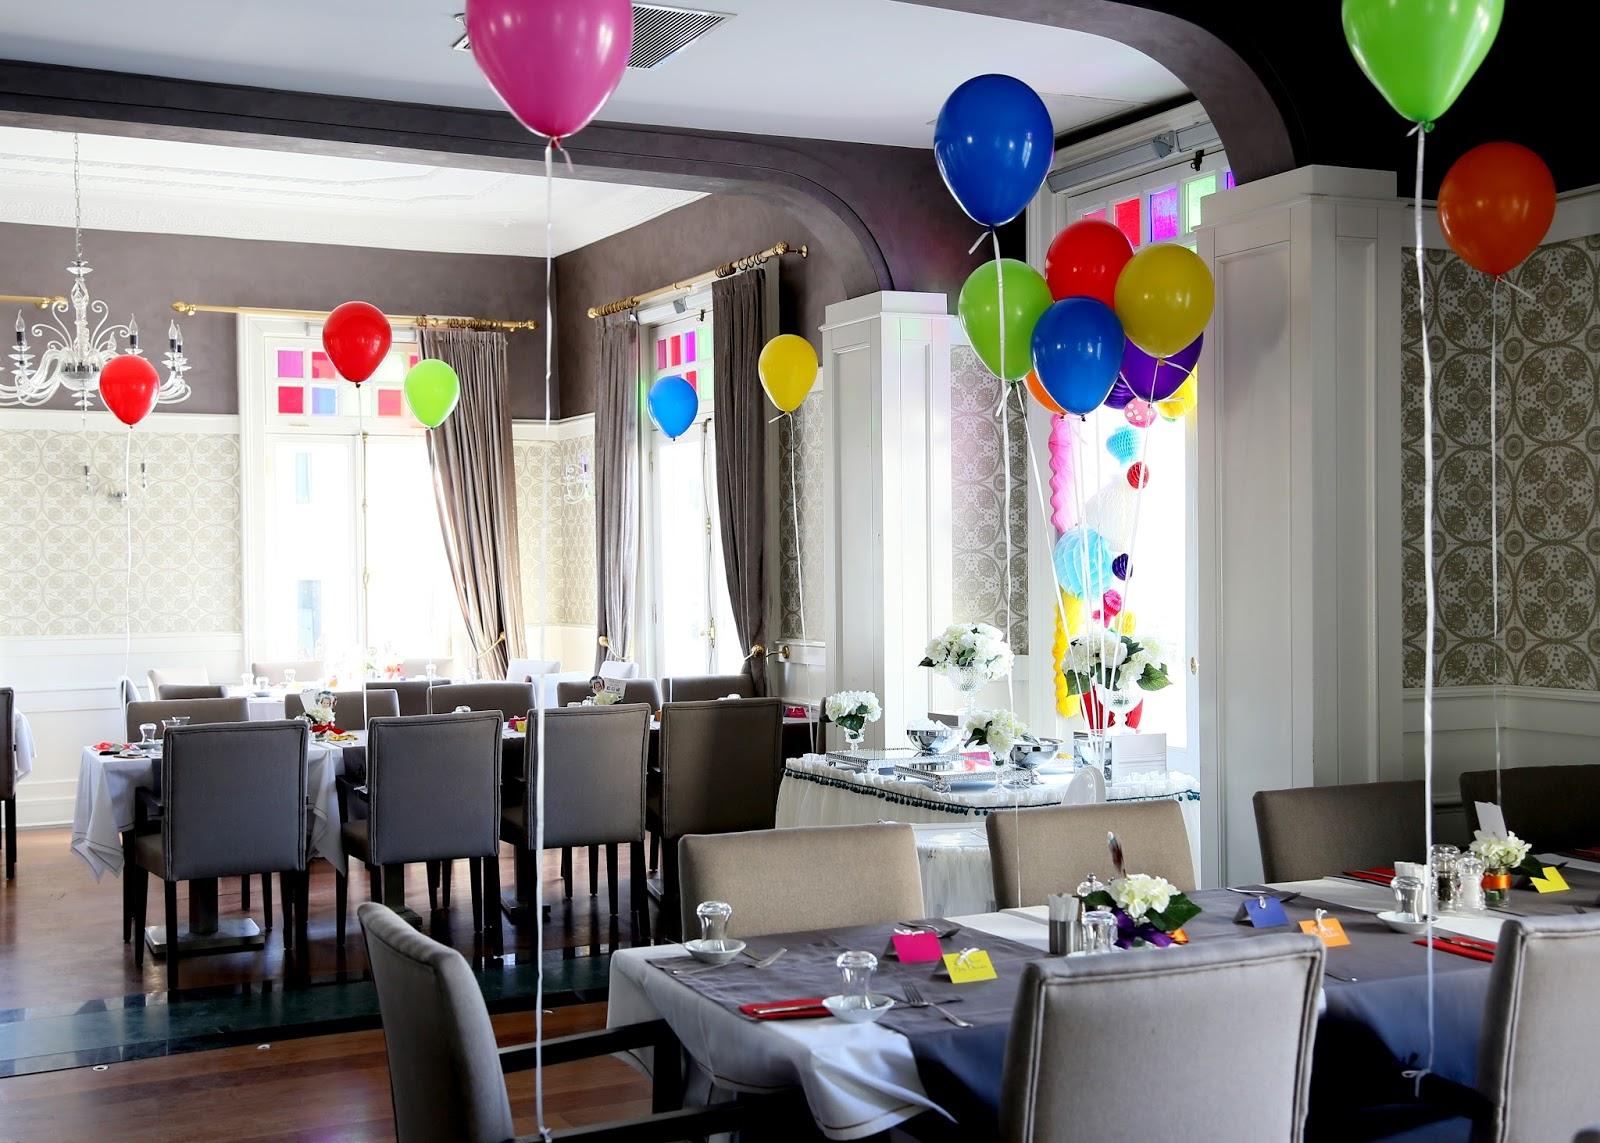 Oradan Buradan şuradan 1 Yaş Doğum Günü Için Mekanlar Istanbul